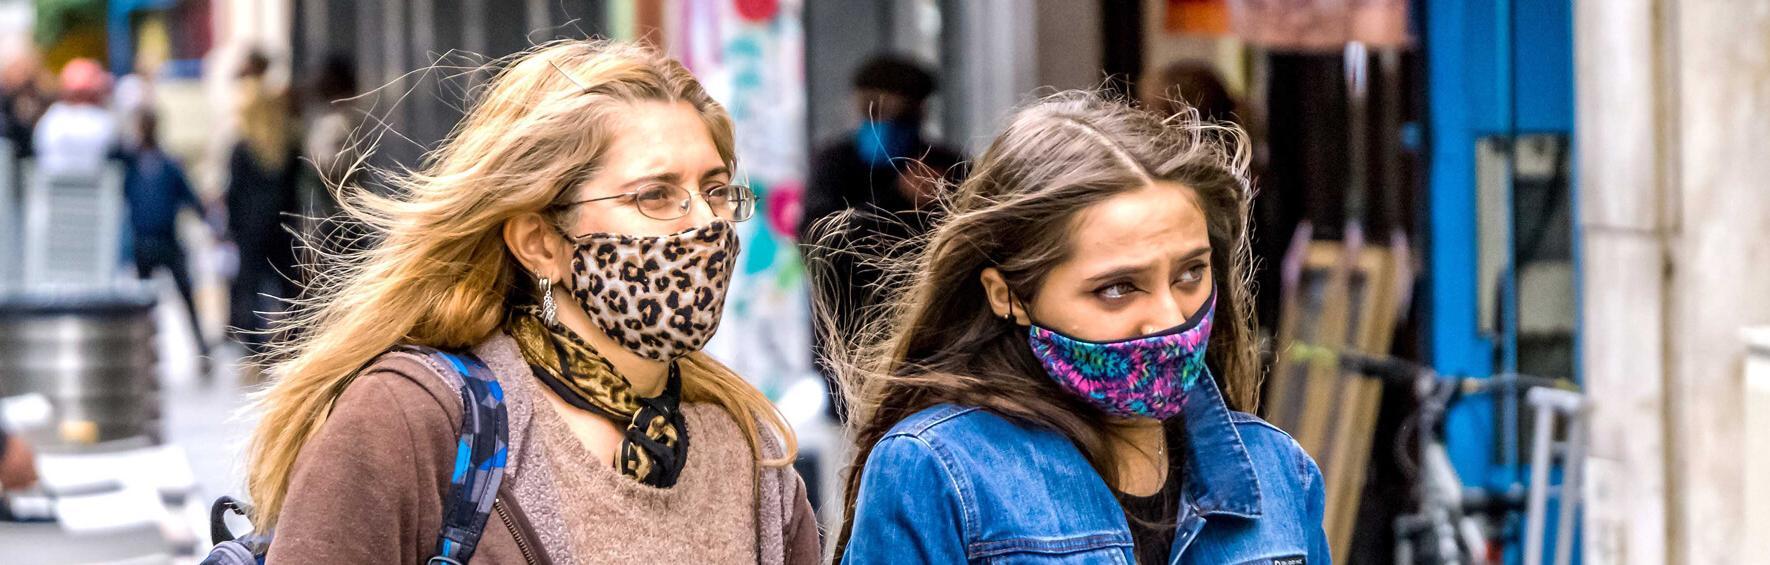 Otoño 2021 - Al aire libre también nos cuidamos